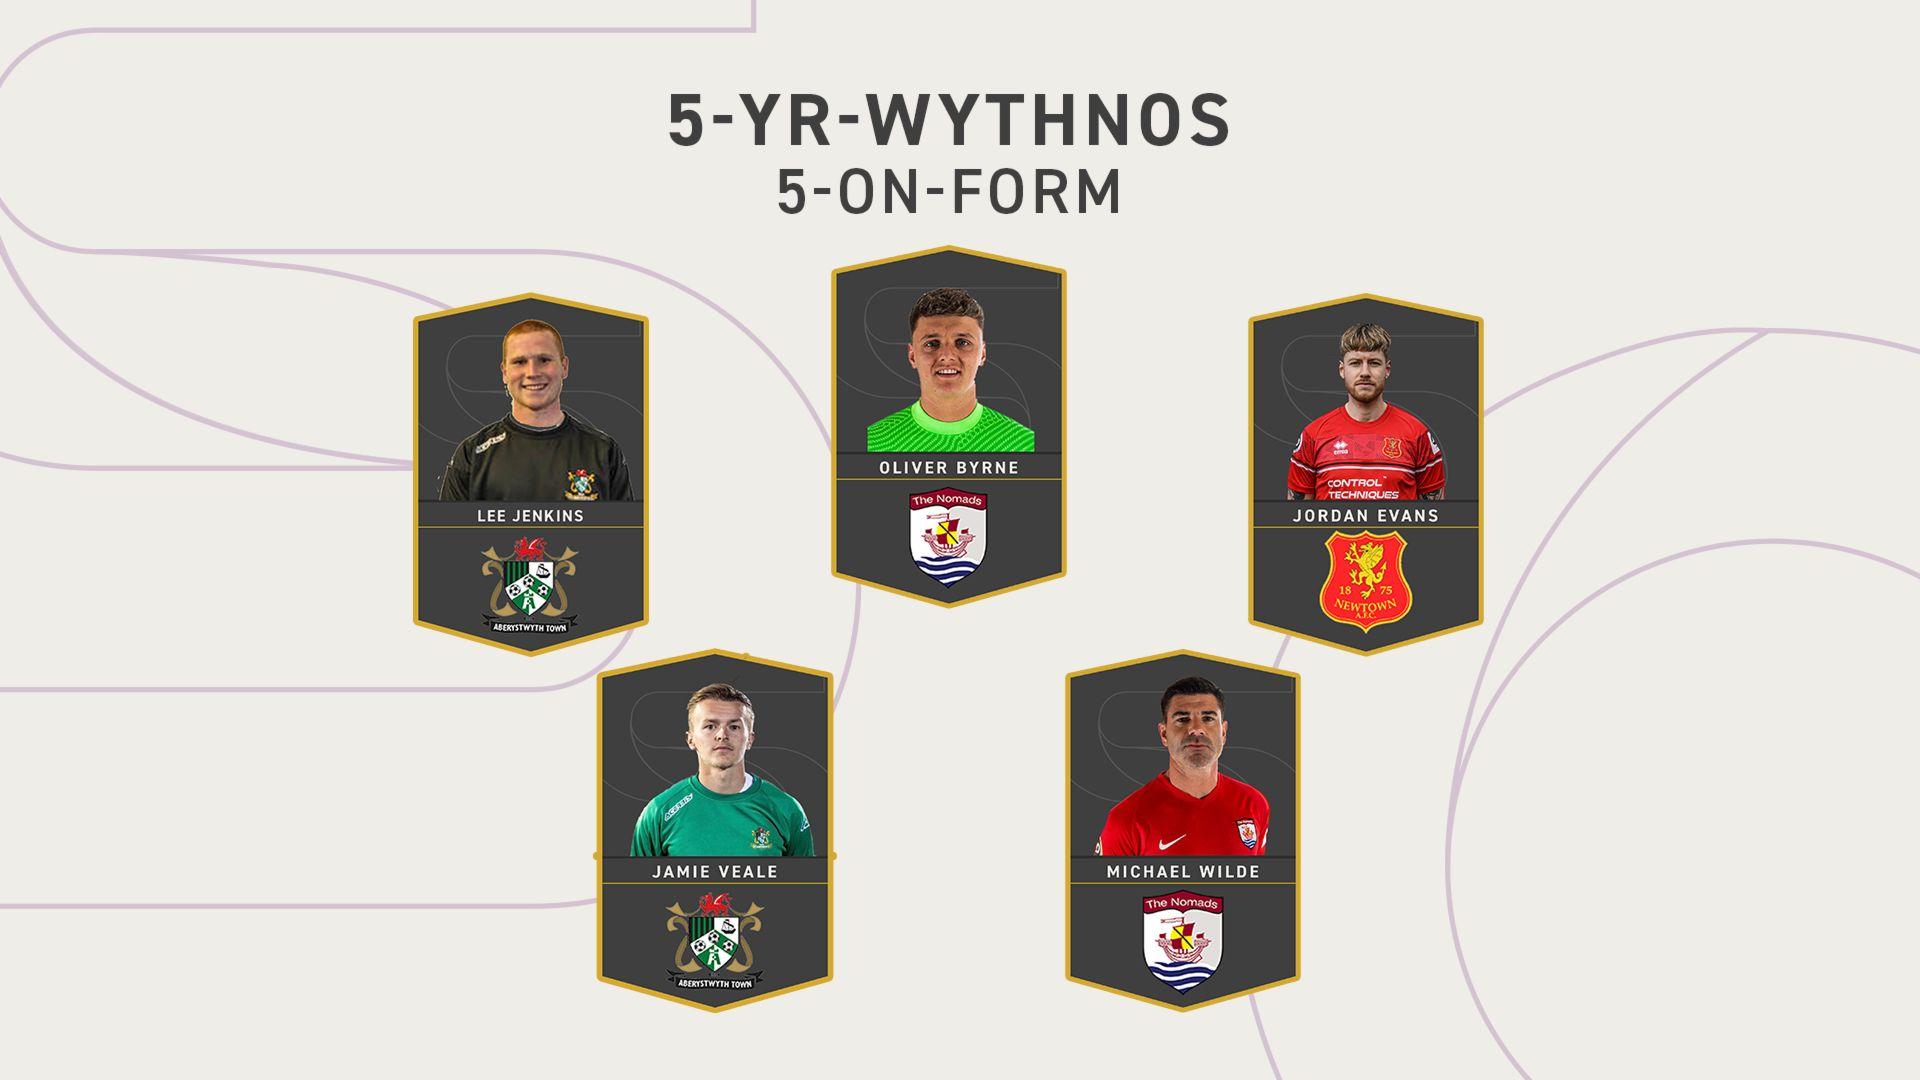 5-Yr-Wythnos